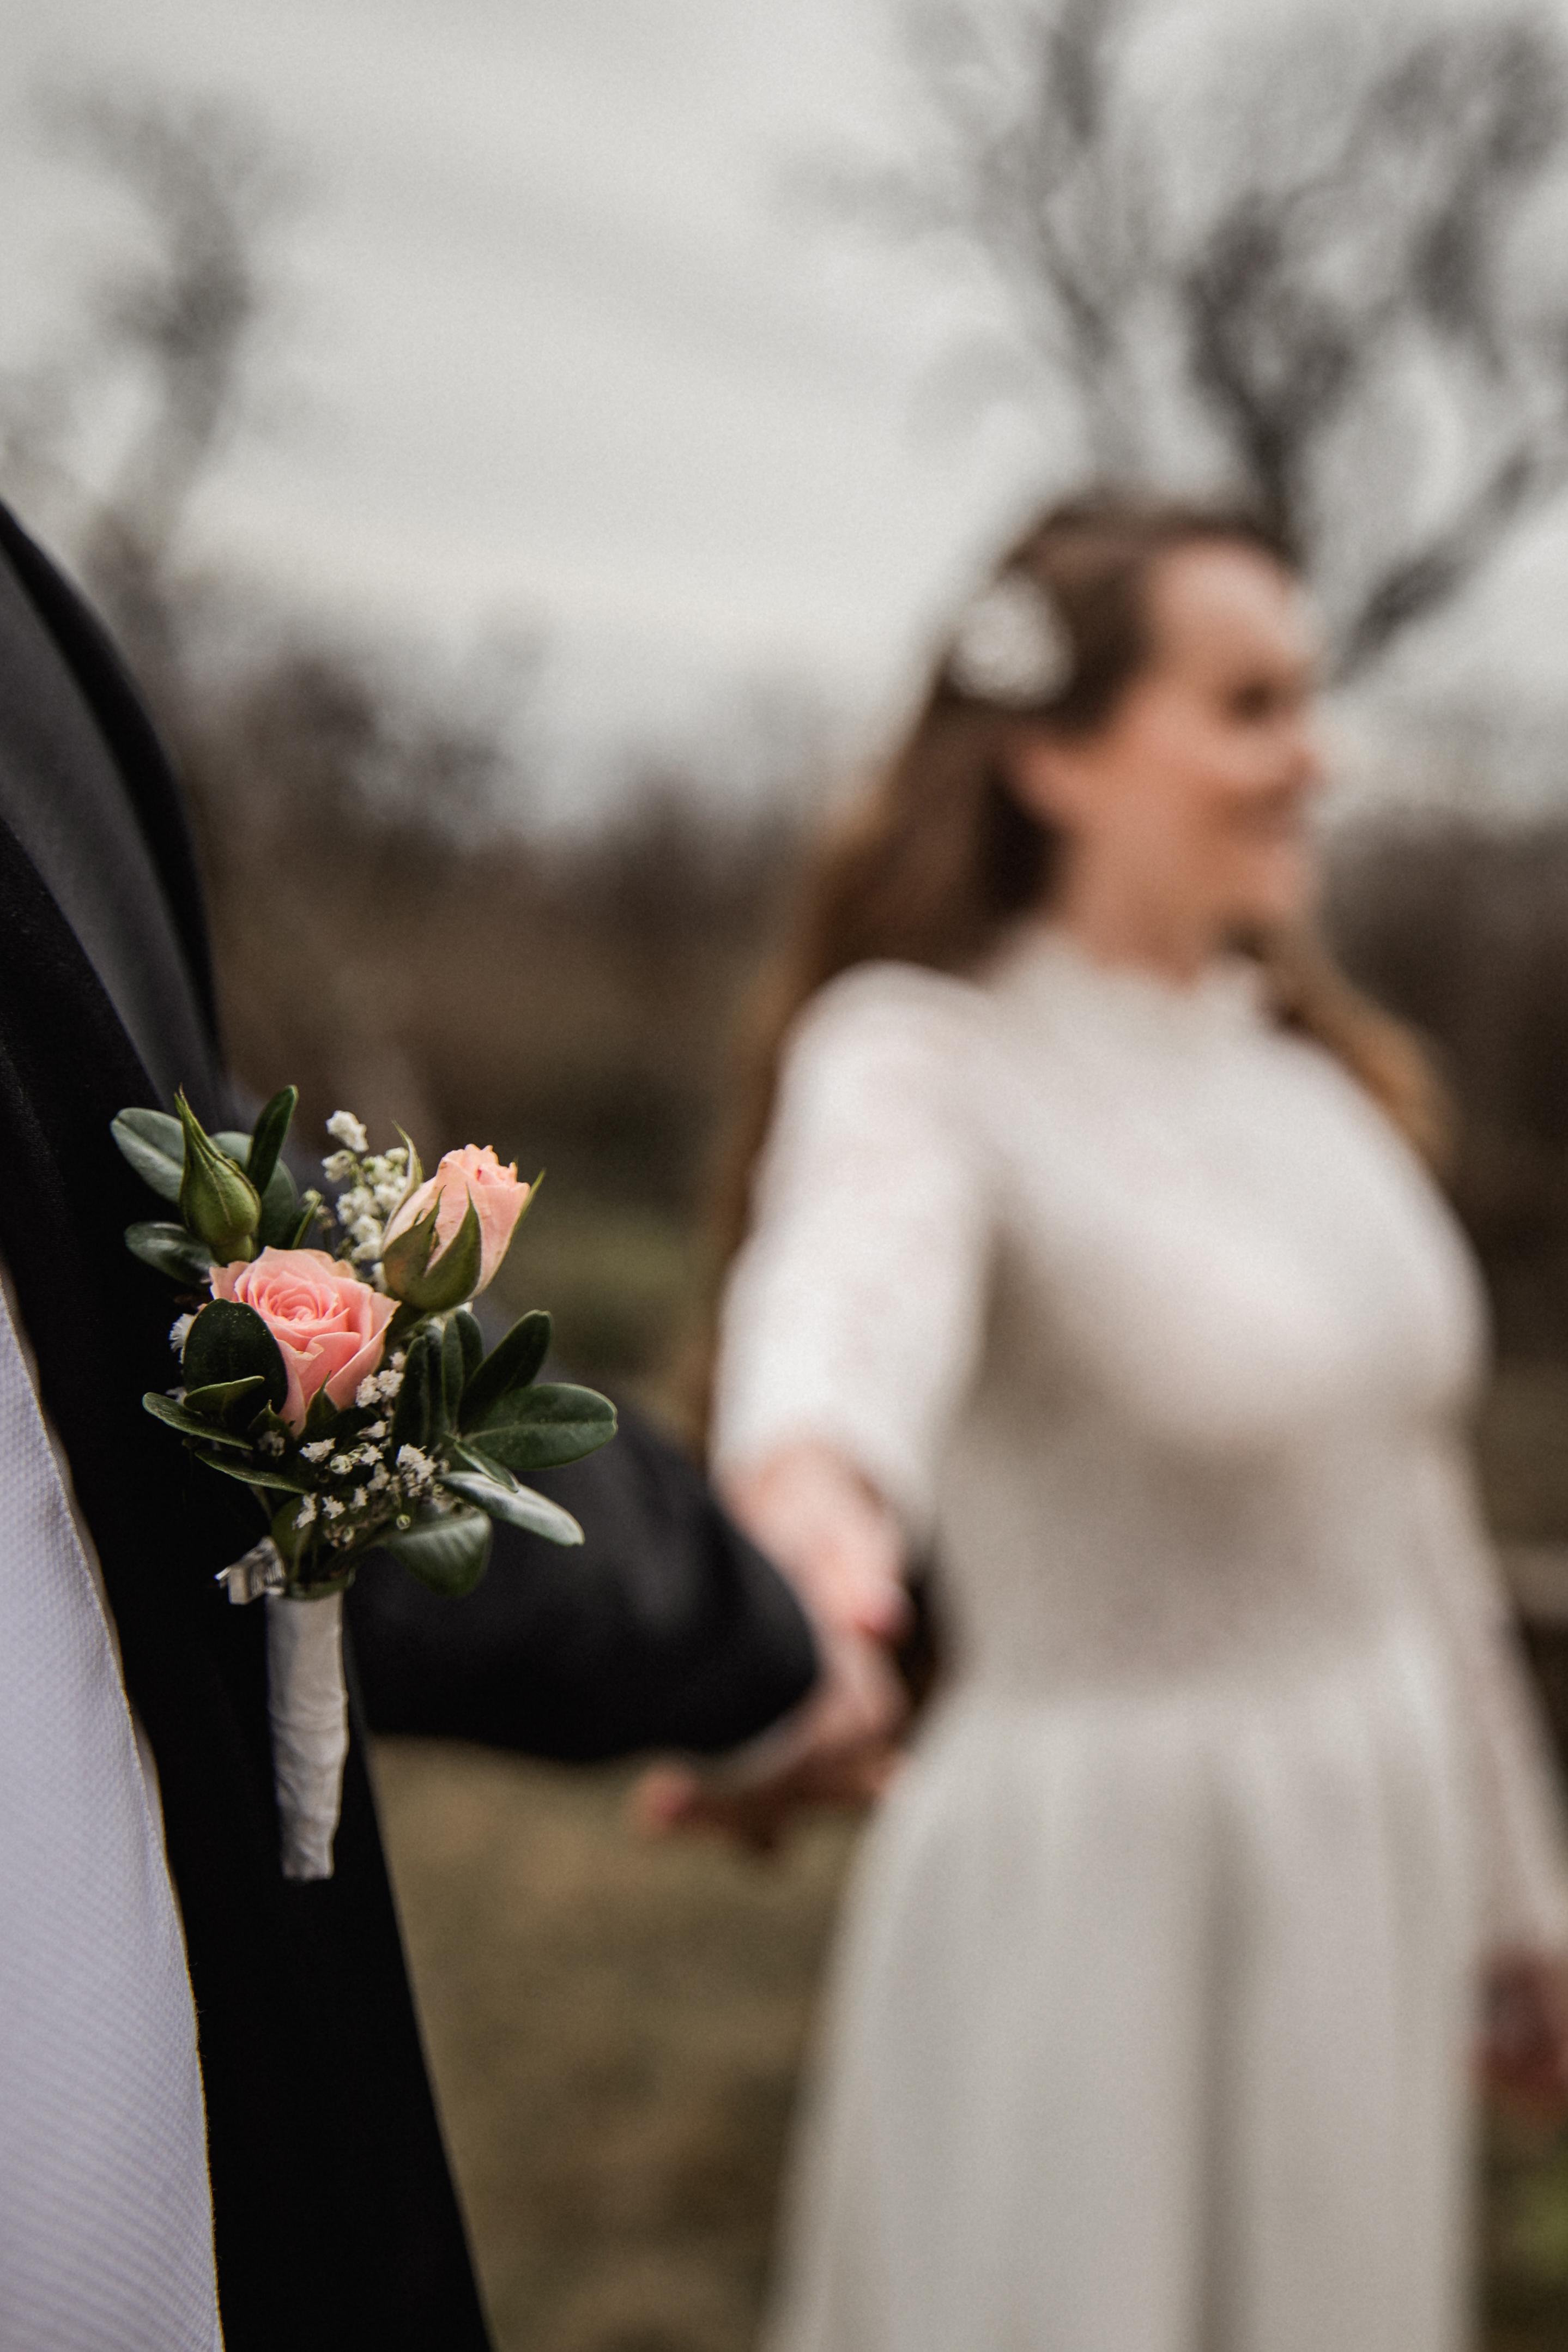 Hochzeitsfotograf-Grossgruendlach-Standesamt-Hallerschloss-Urbanerie-Stazija-und-Michael-098